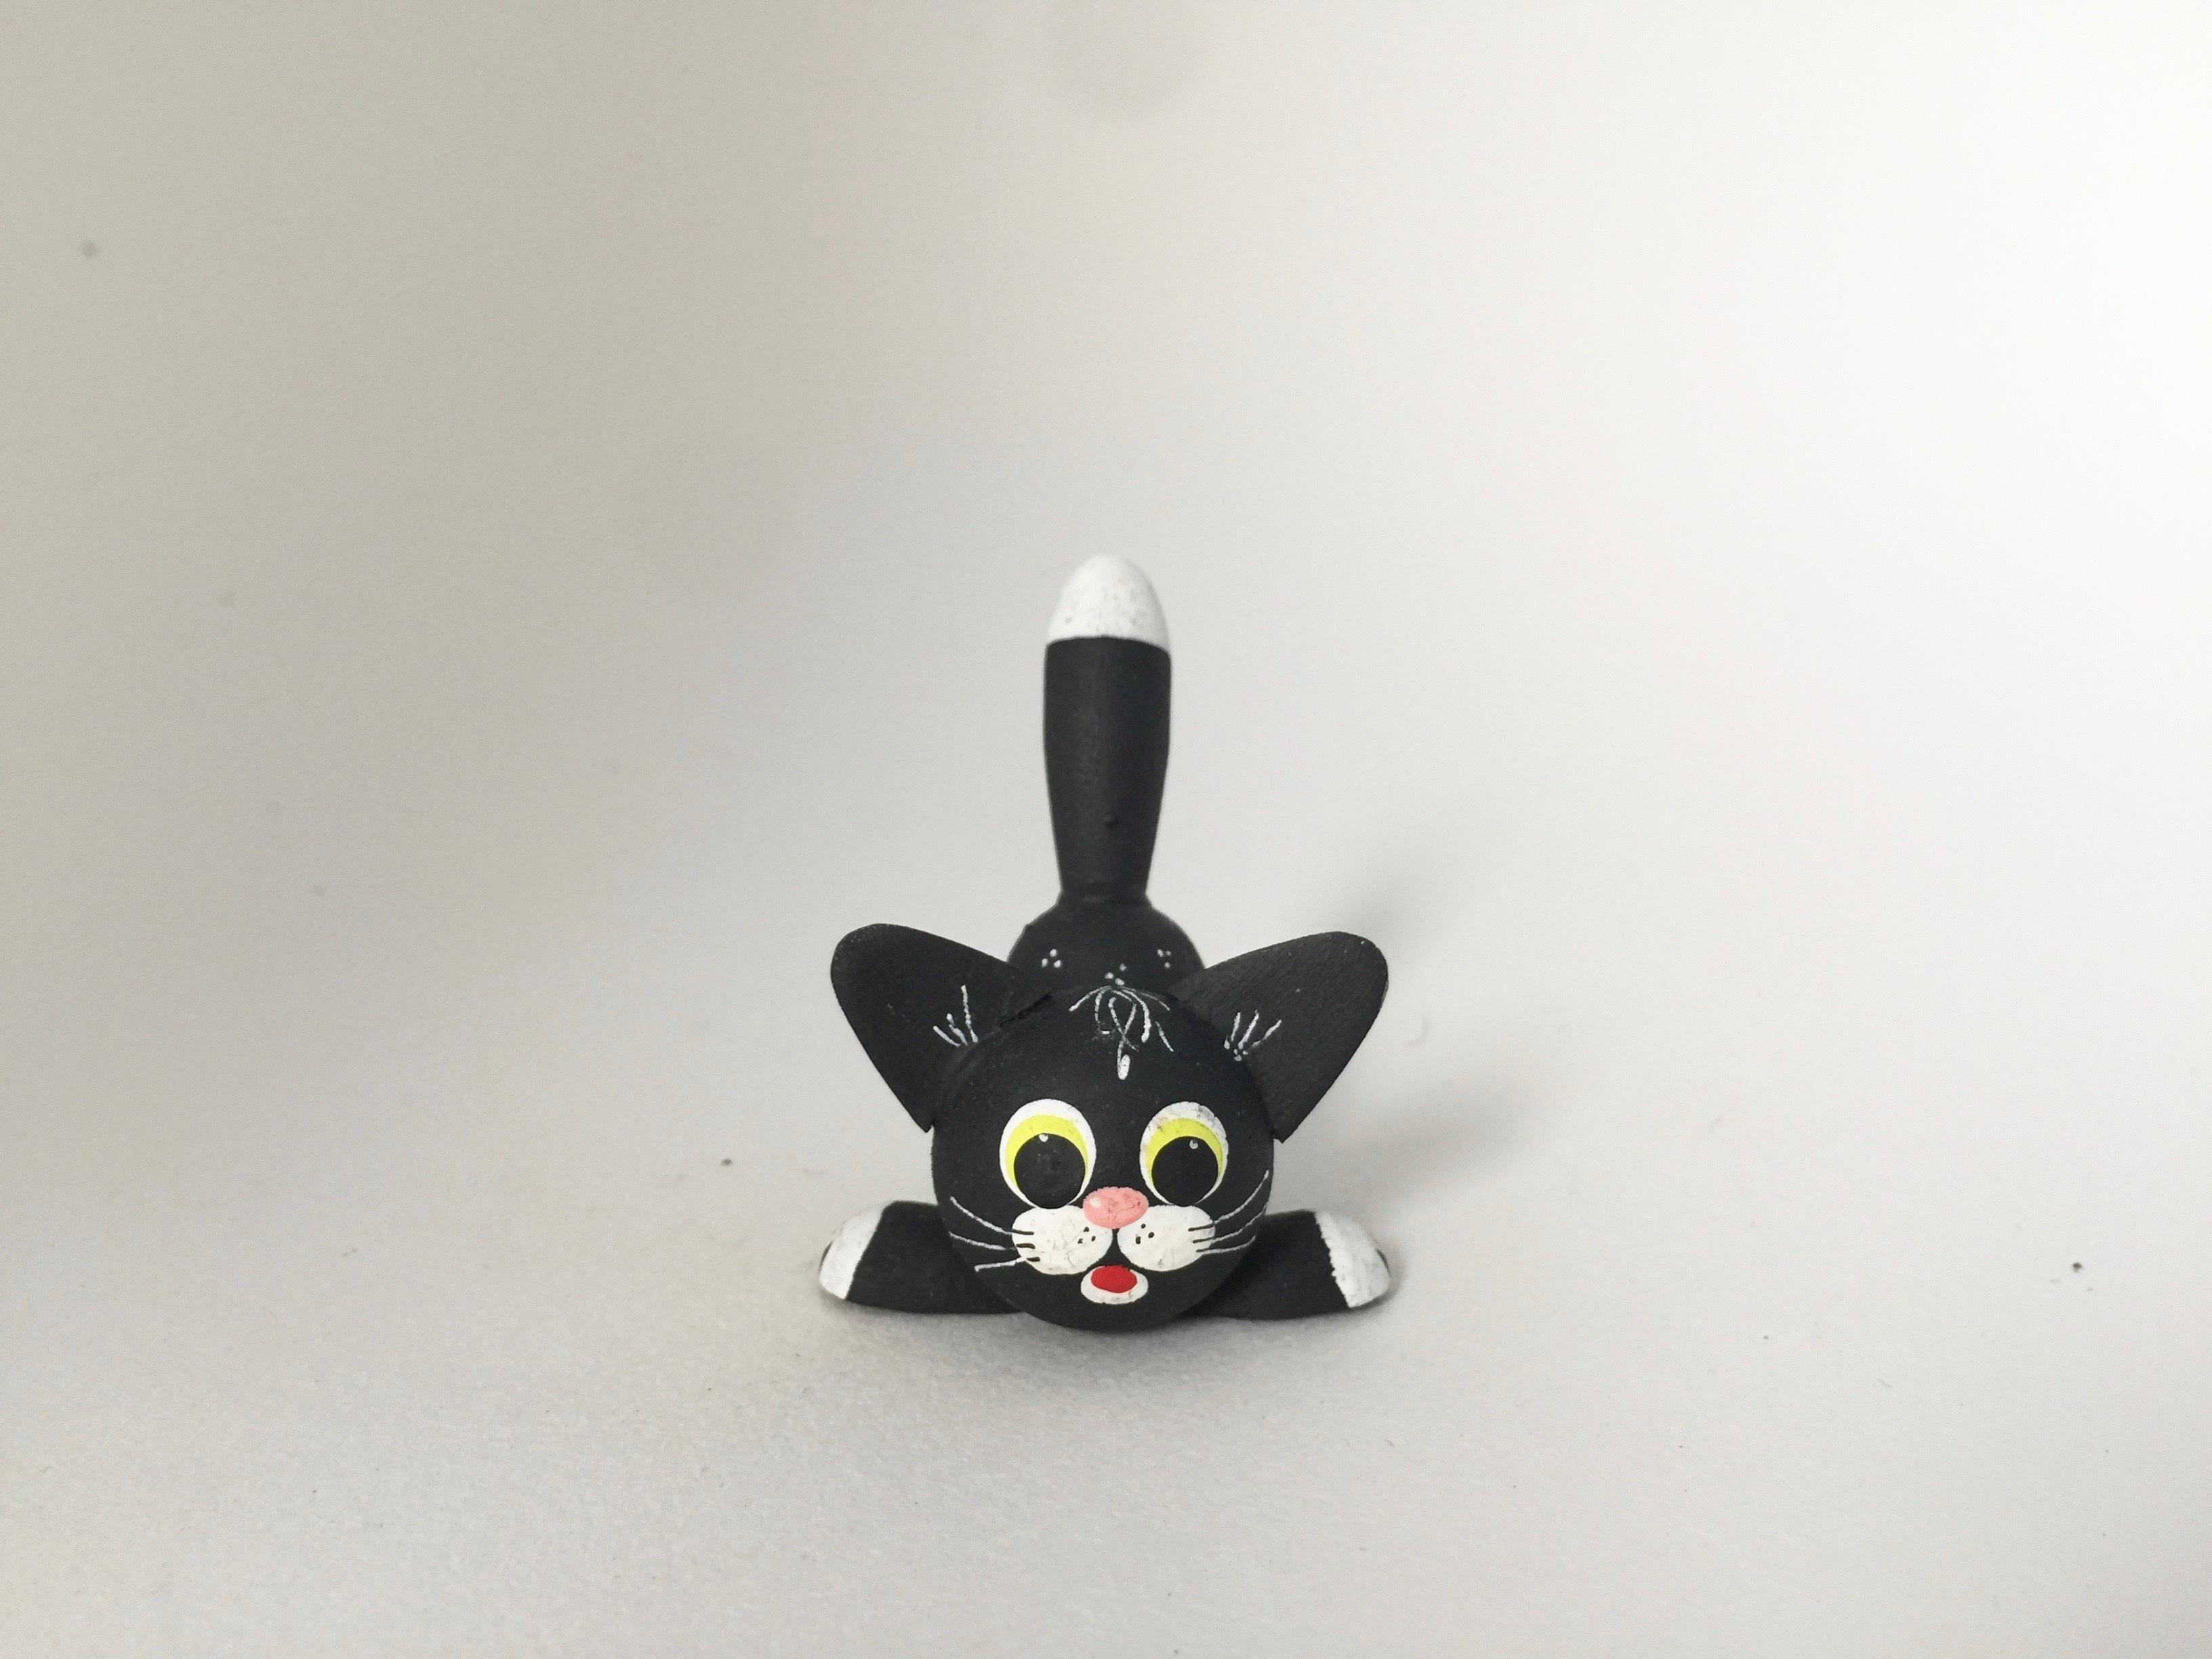 ロシアの木製ミニマスコット(黒ネコ2)